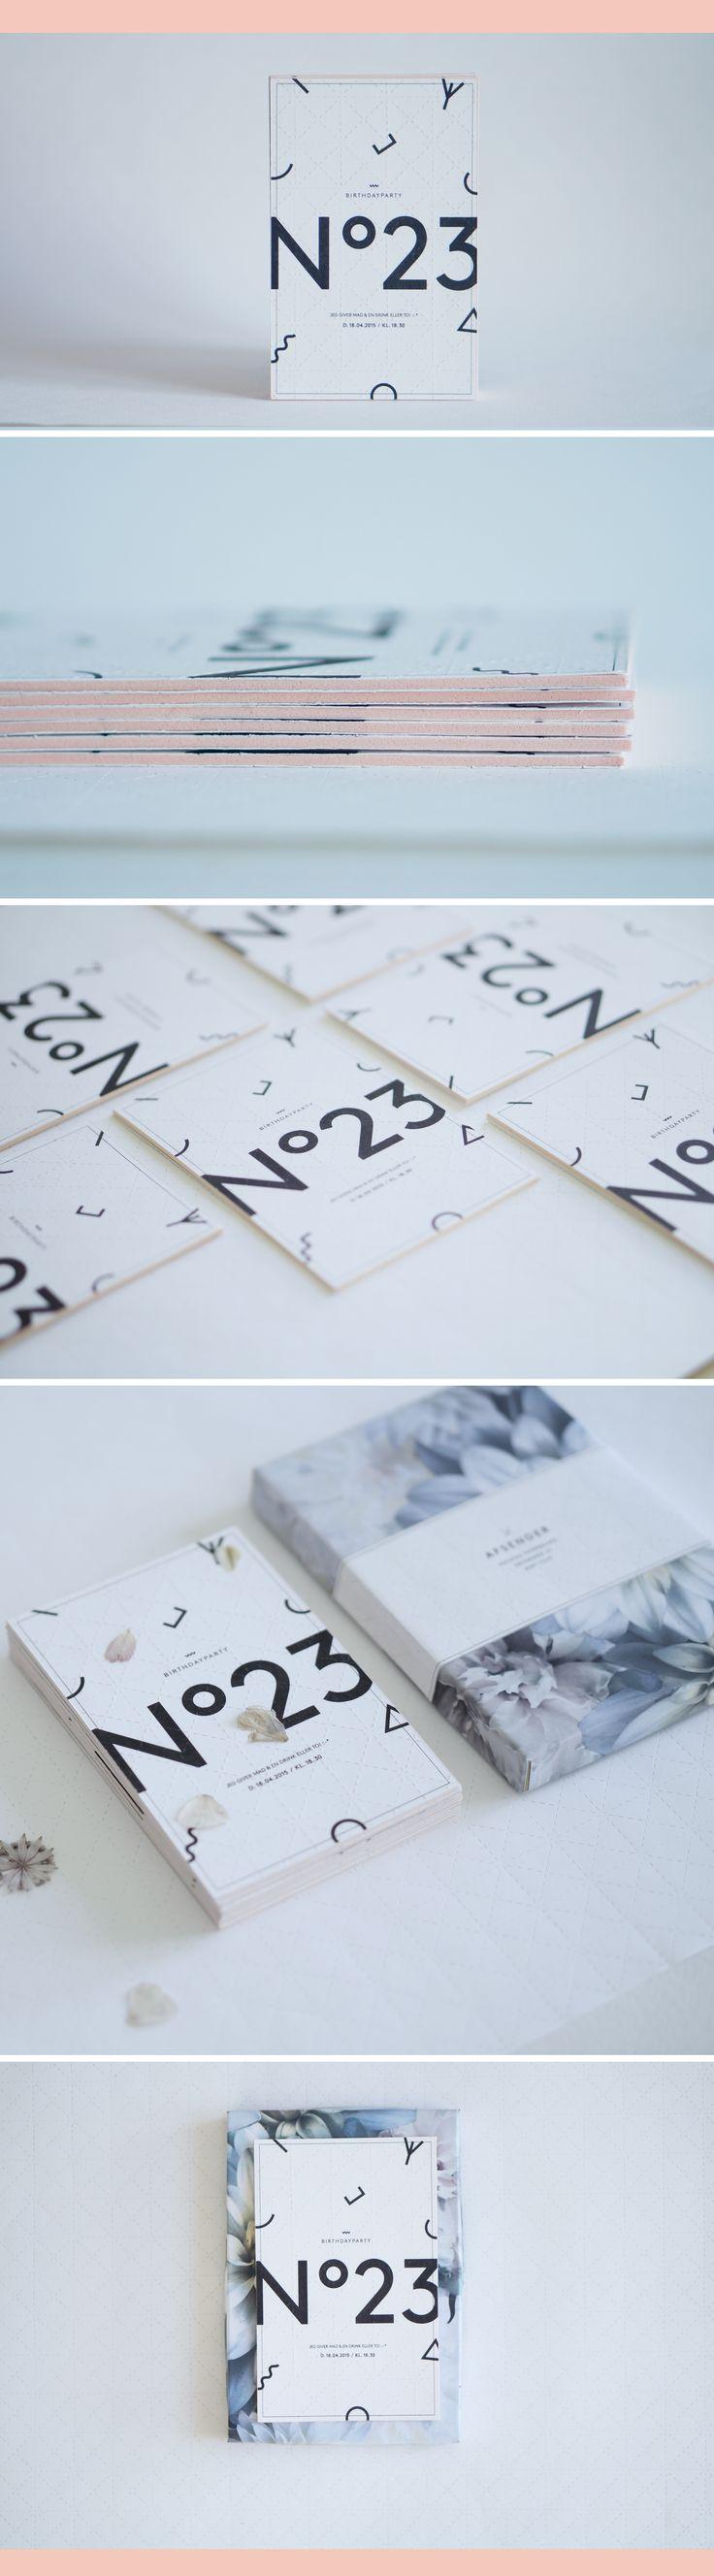 Minimal birthday invite - black white and coral foam center. #invitation #birthday #minimal #nordic #graphic #design #diy